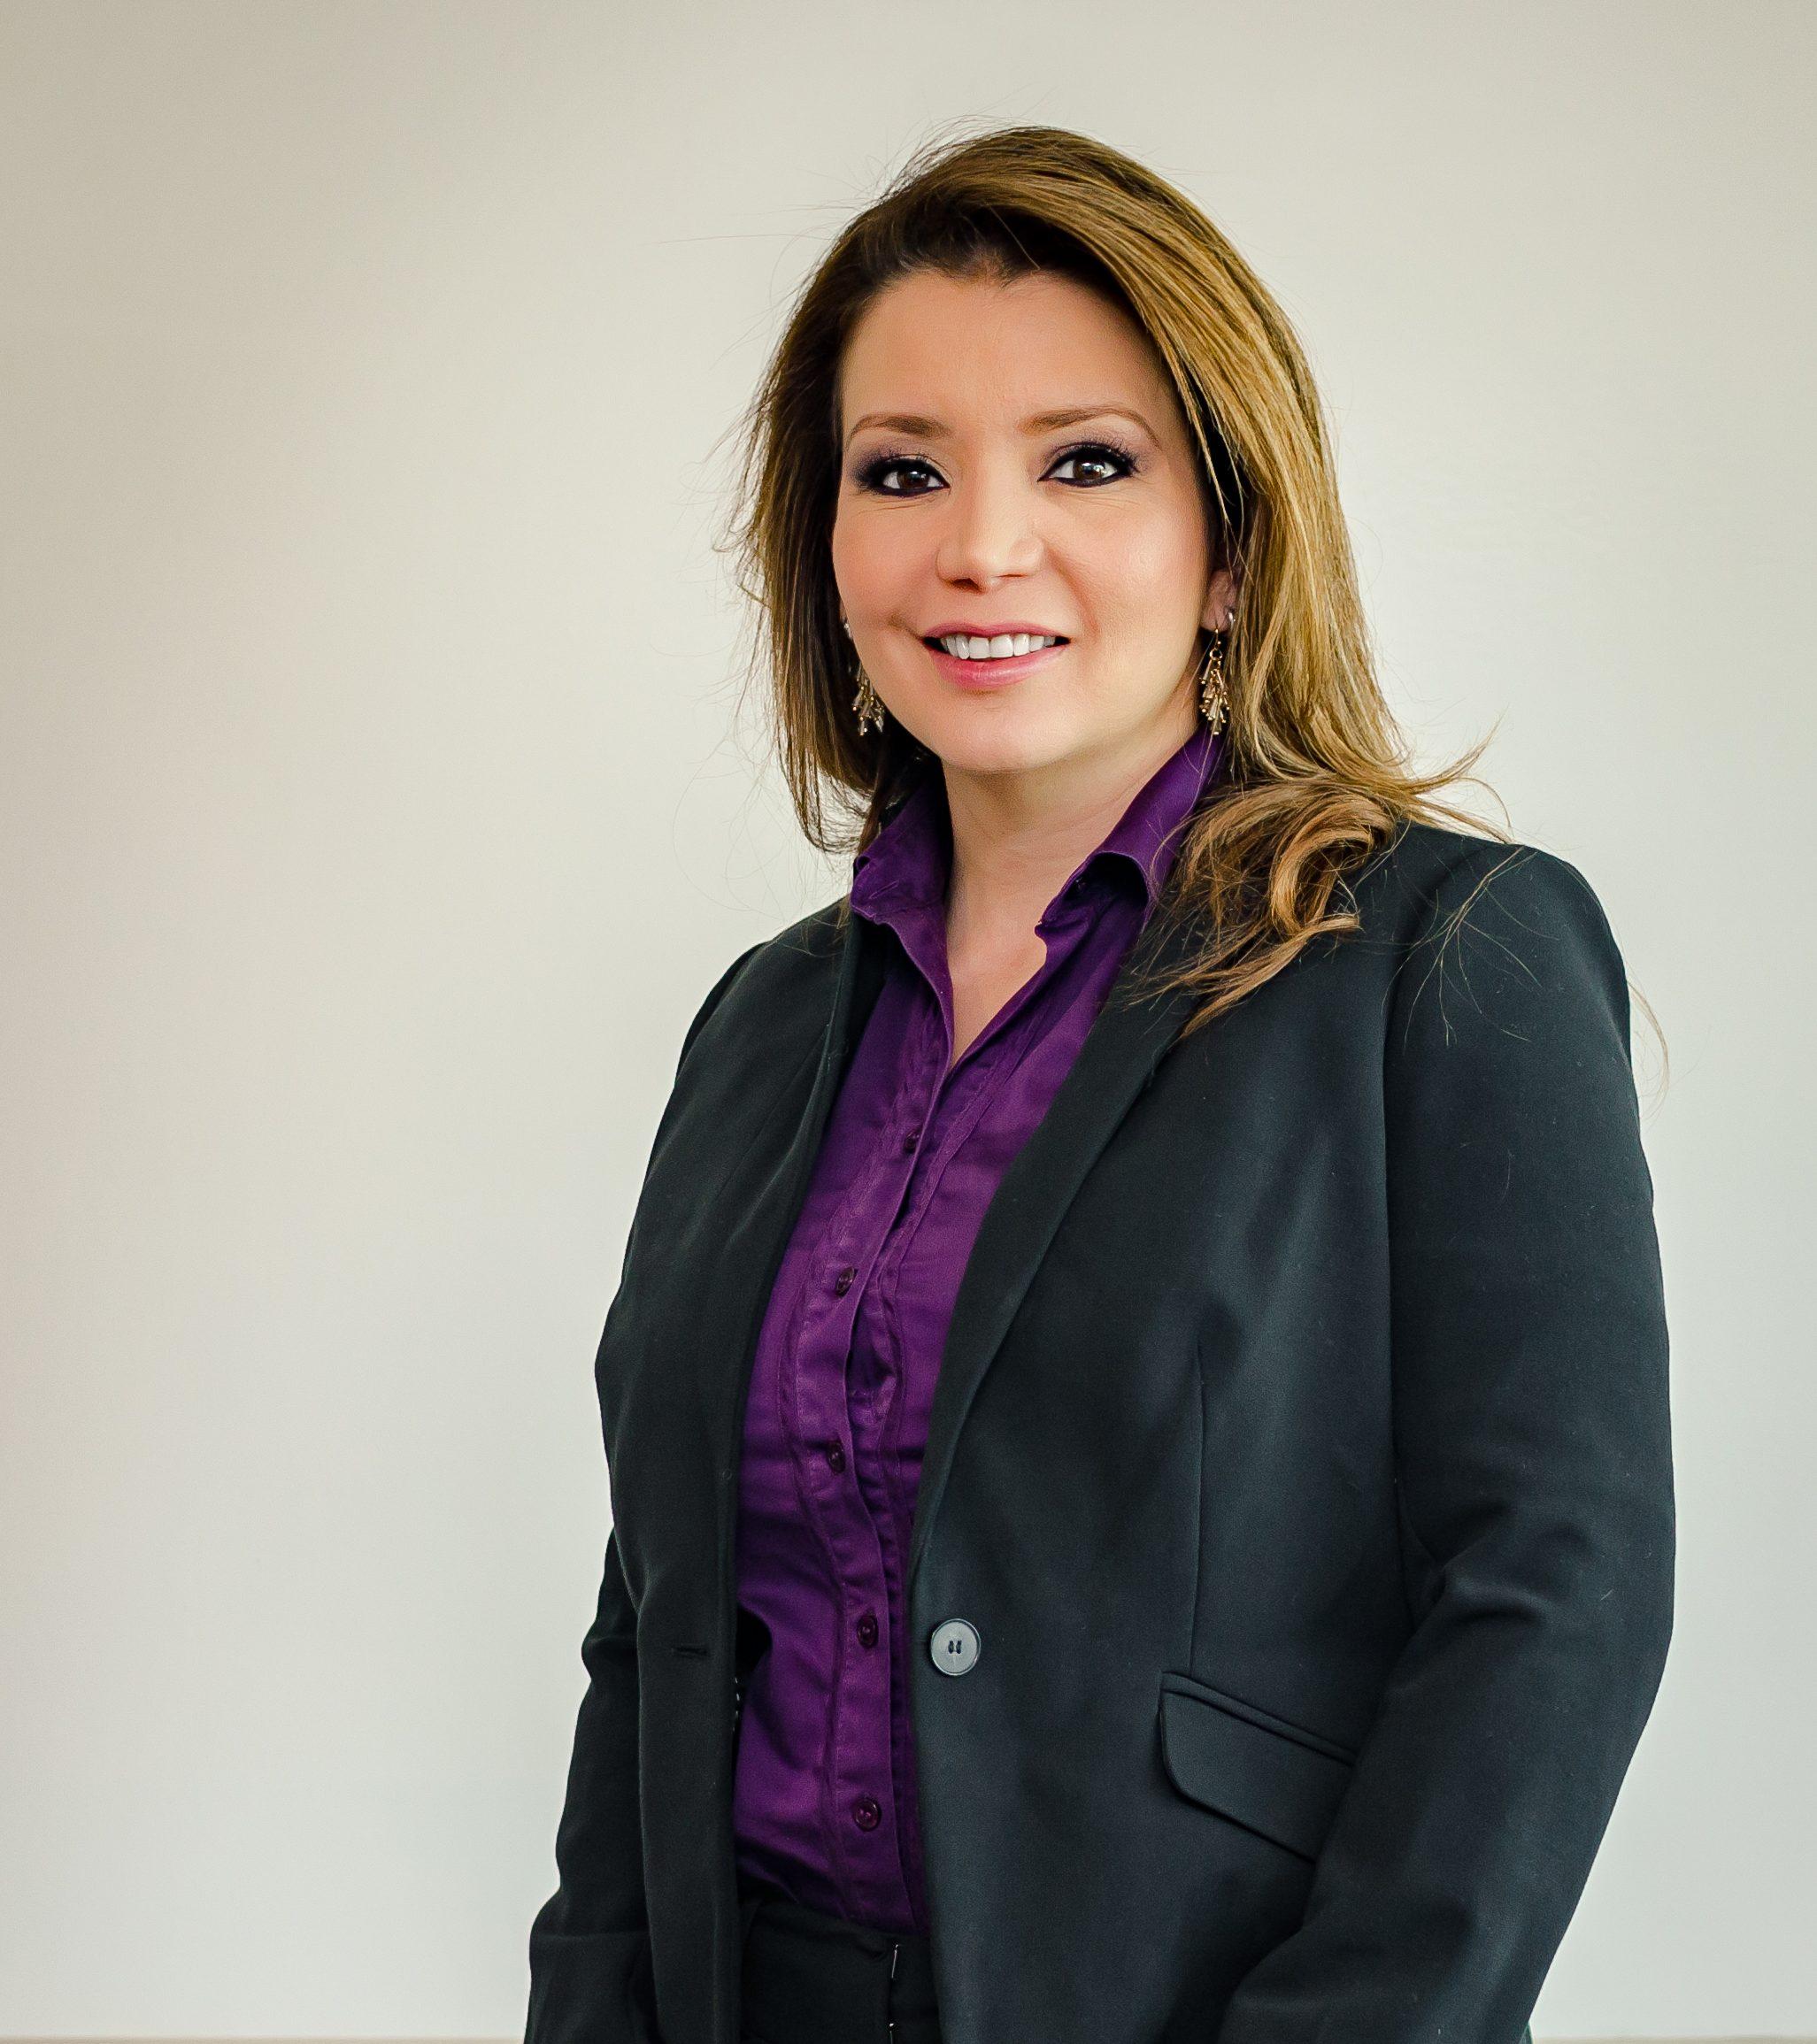 MSc. Rosario Montoto de Alvarado